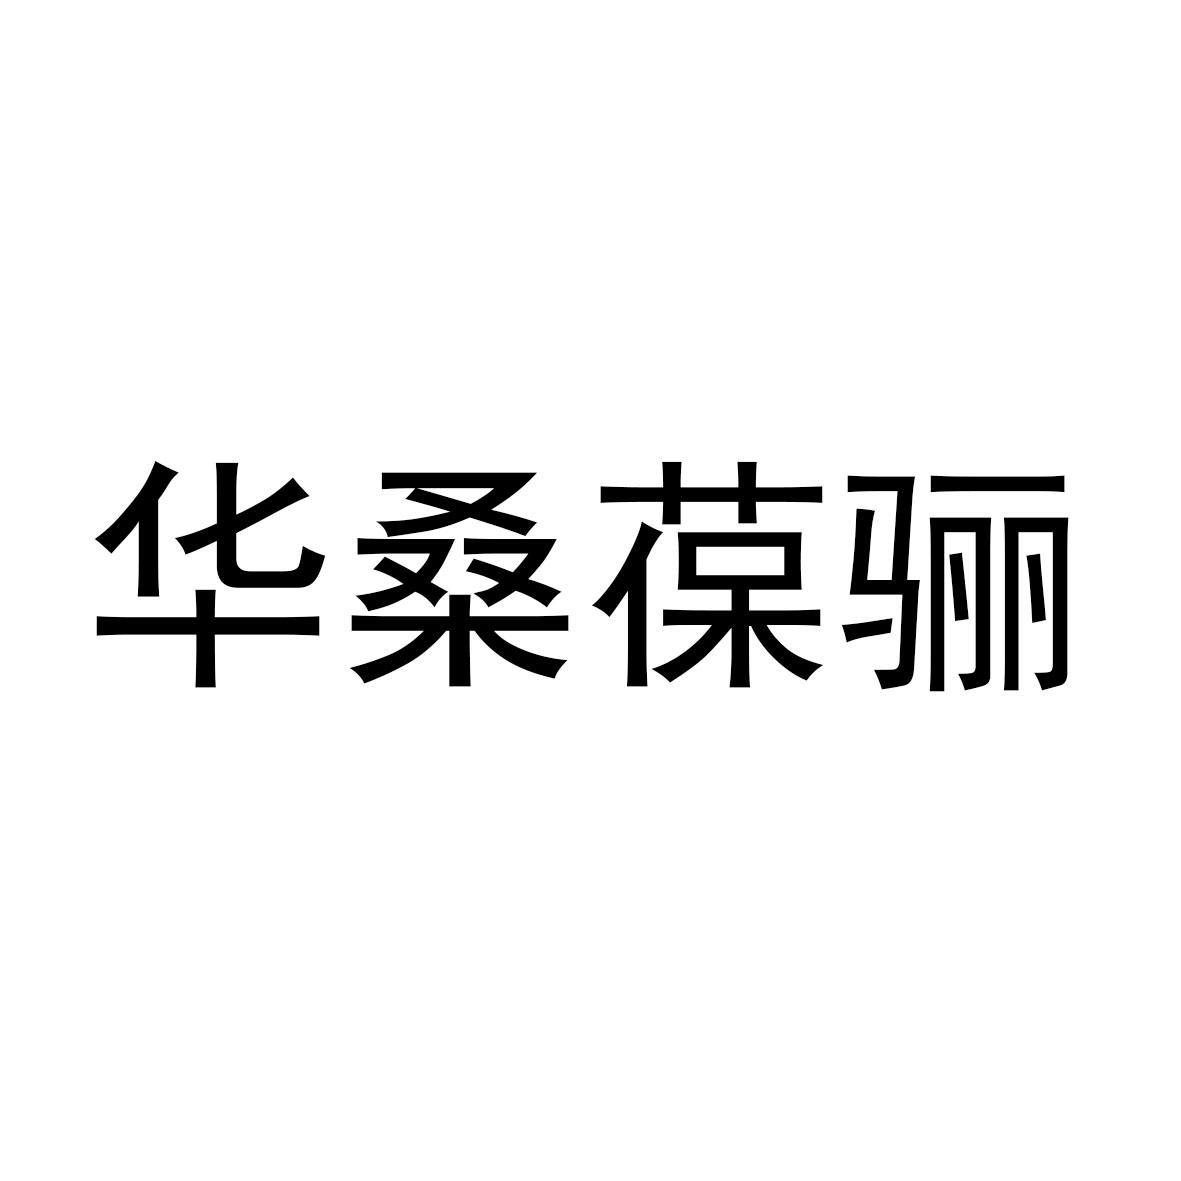 转让商标-华桑葆骊